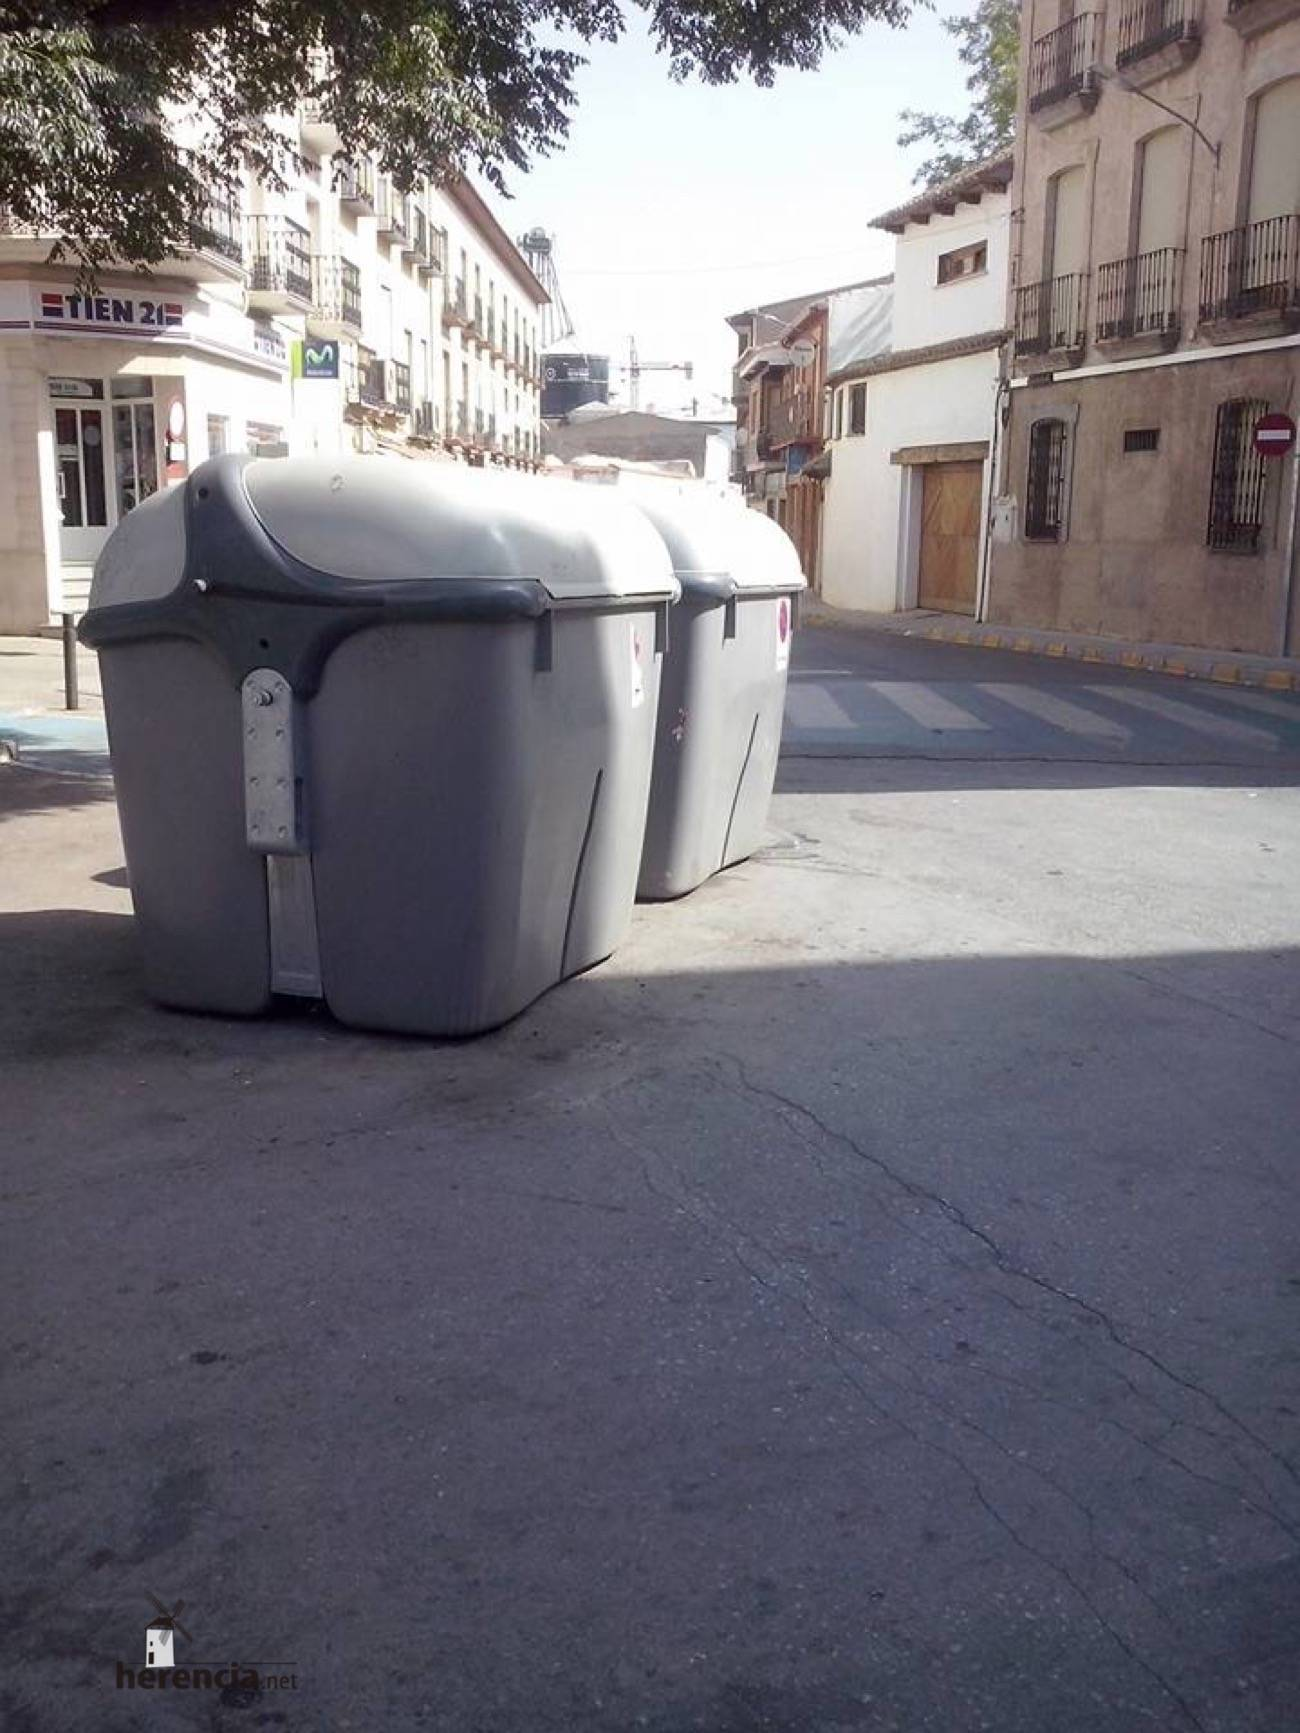 contenedores de basura en herencia - 4